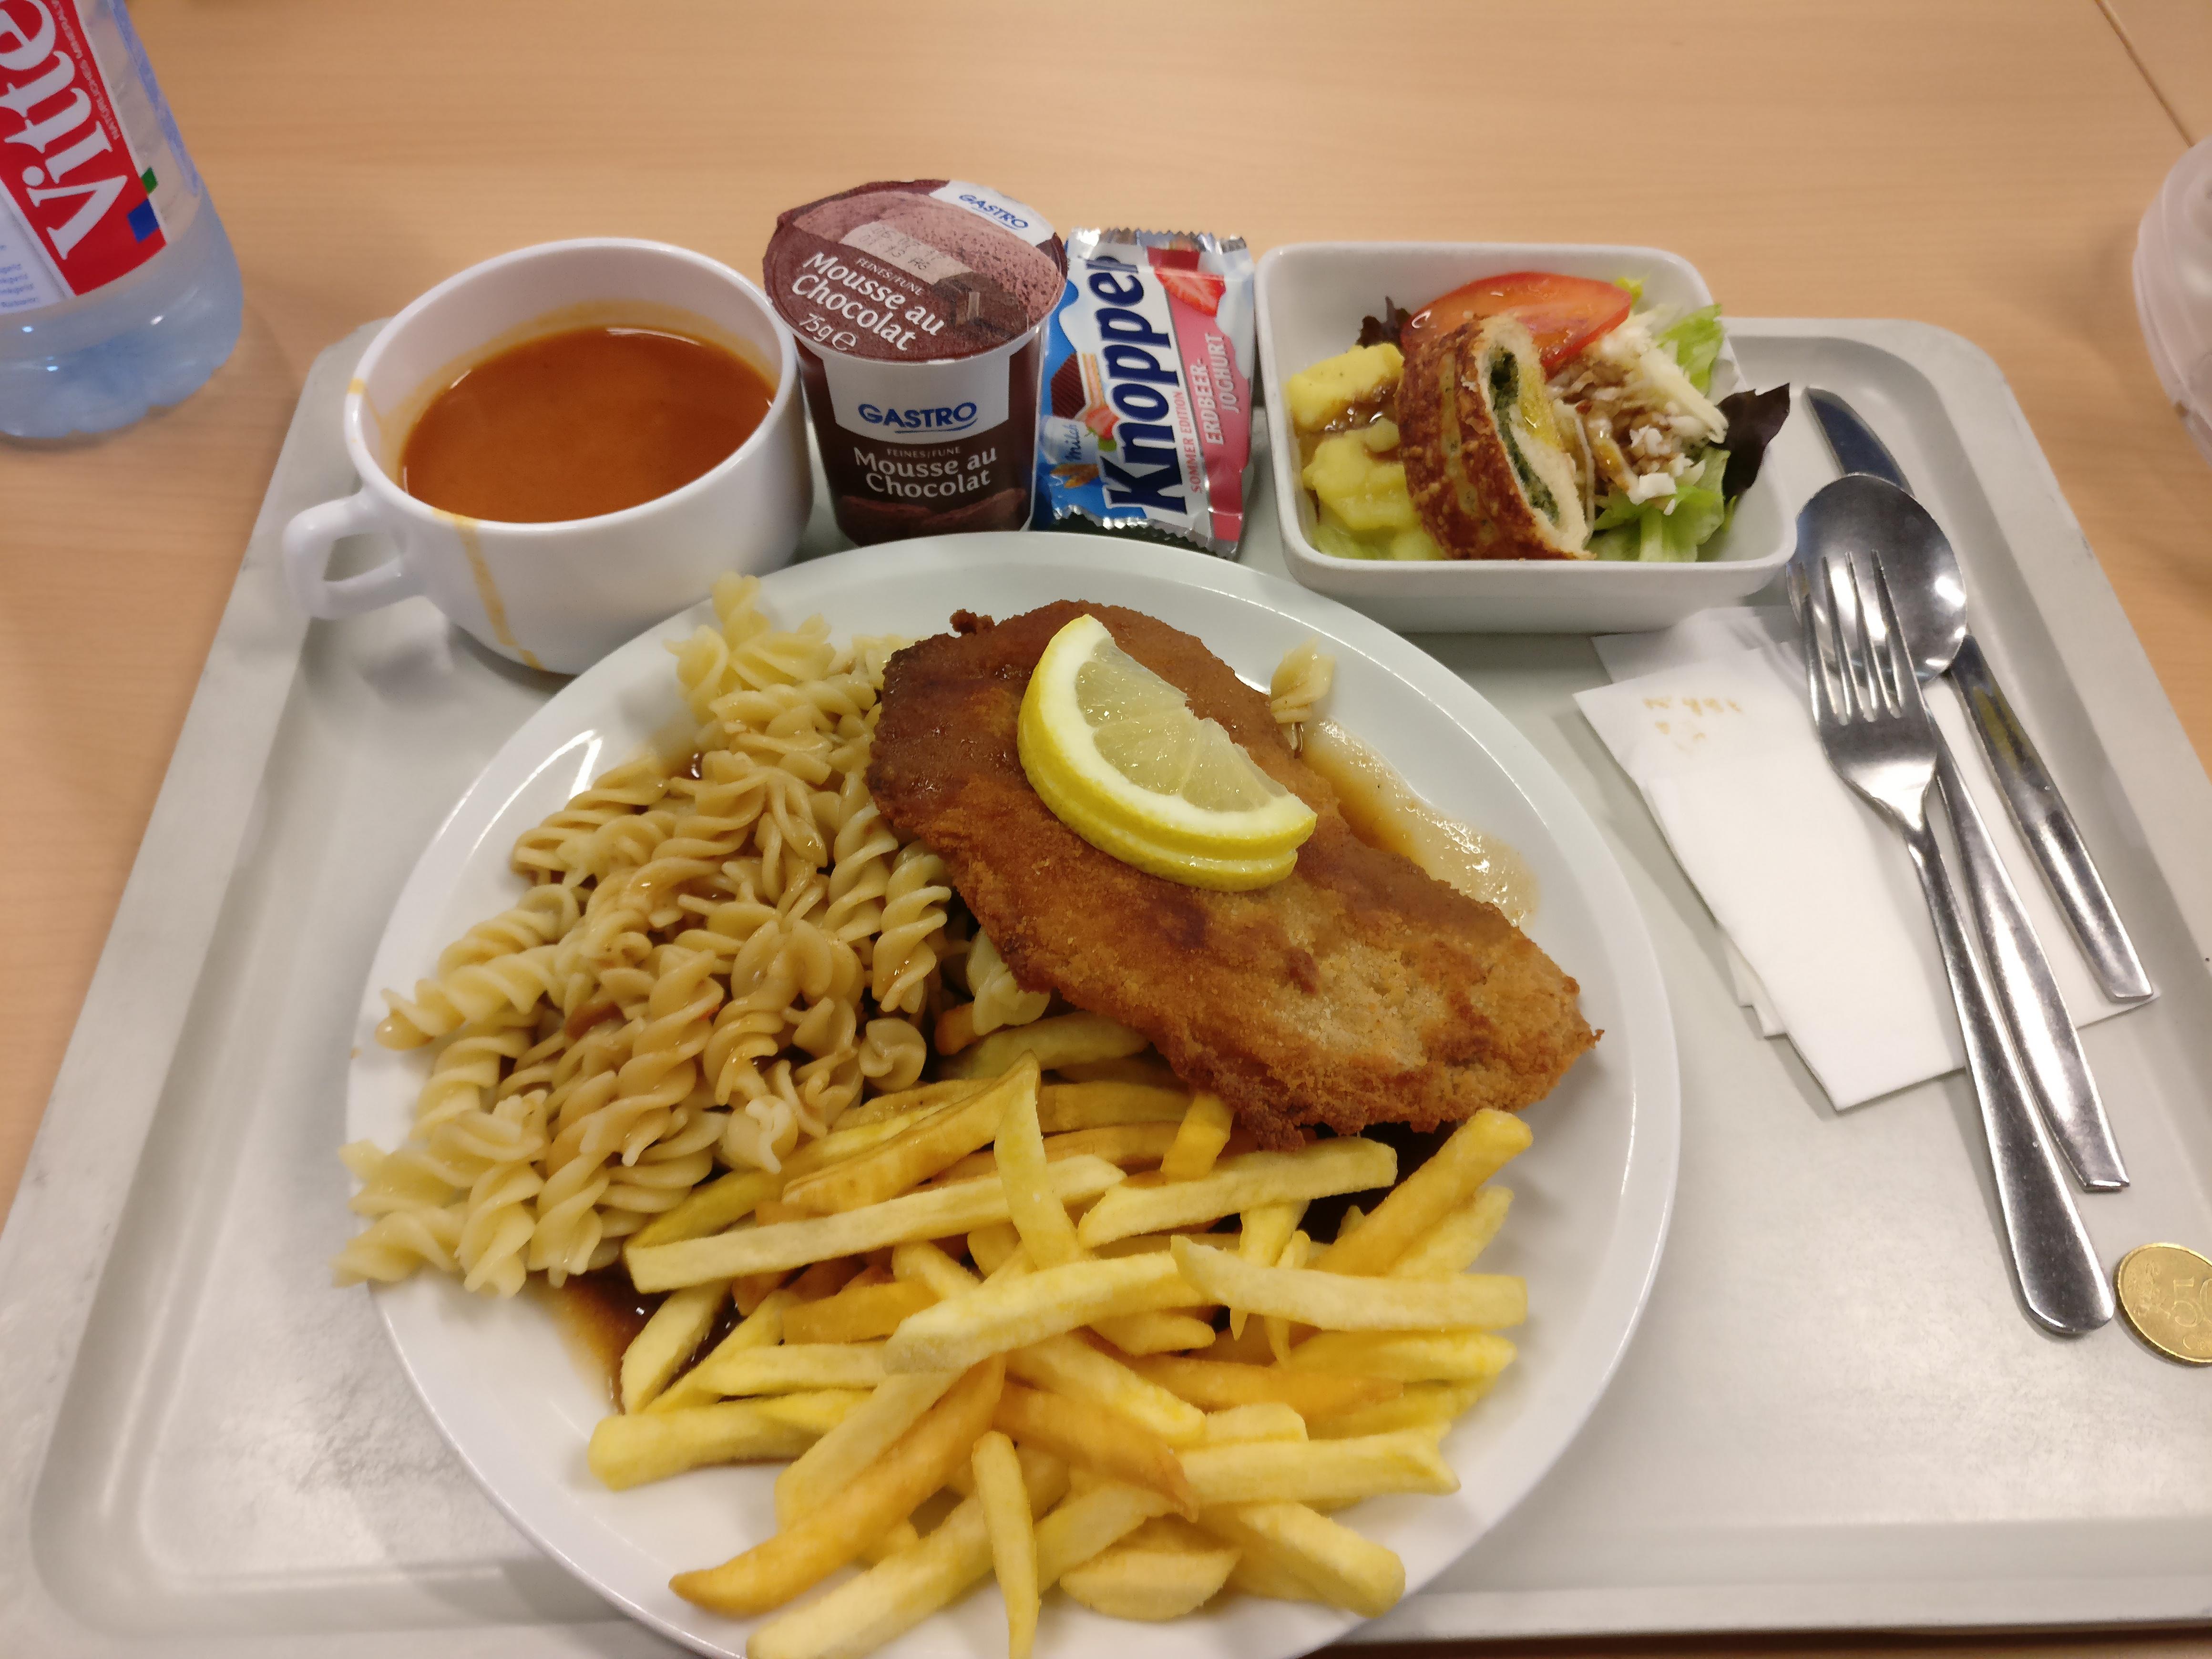 http://foodloader.net/nico_2017-06-22_schnitzel-mit-spaetzle-und-pommes-suppe-salat-und-nachtisch.jpg